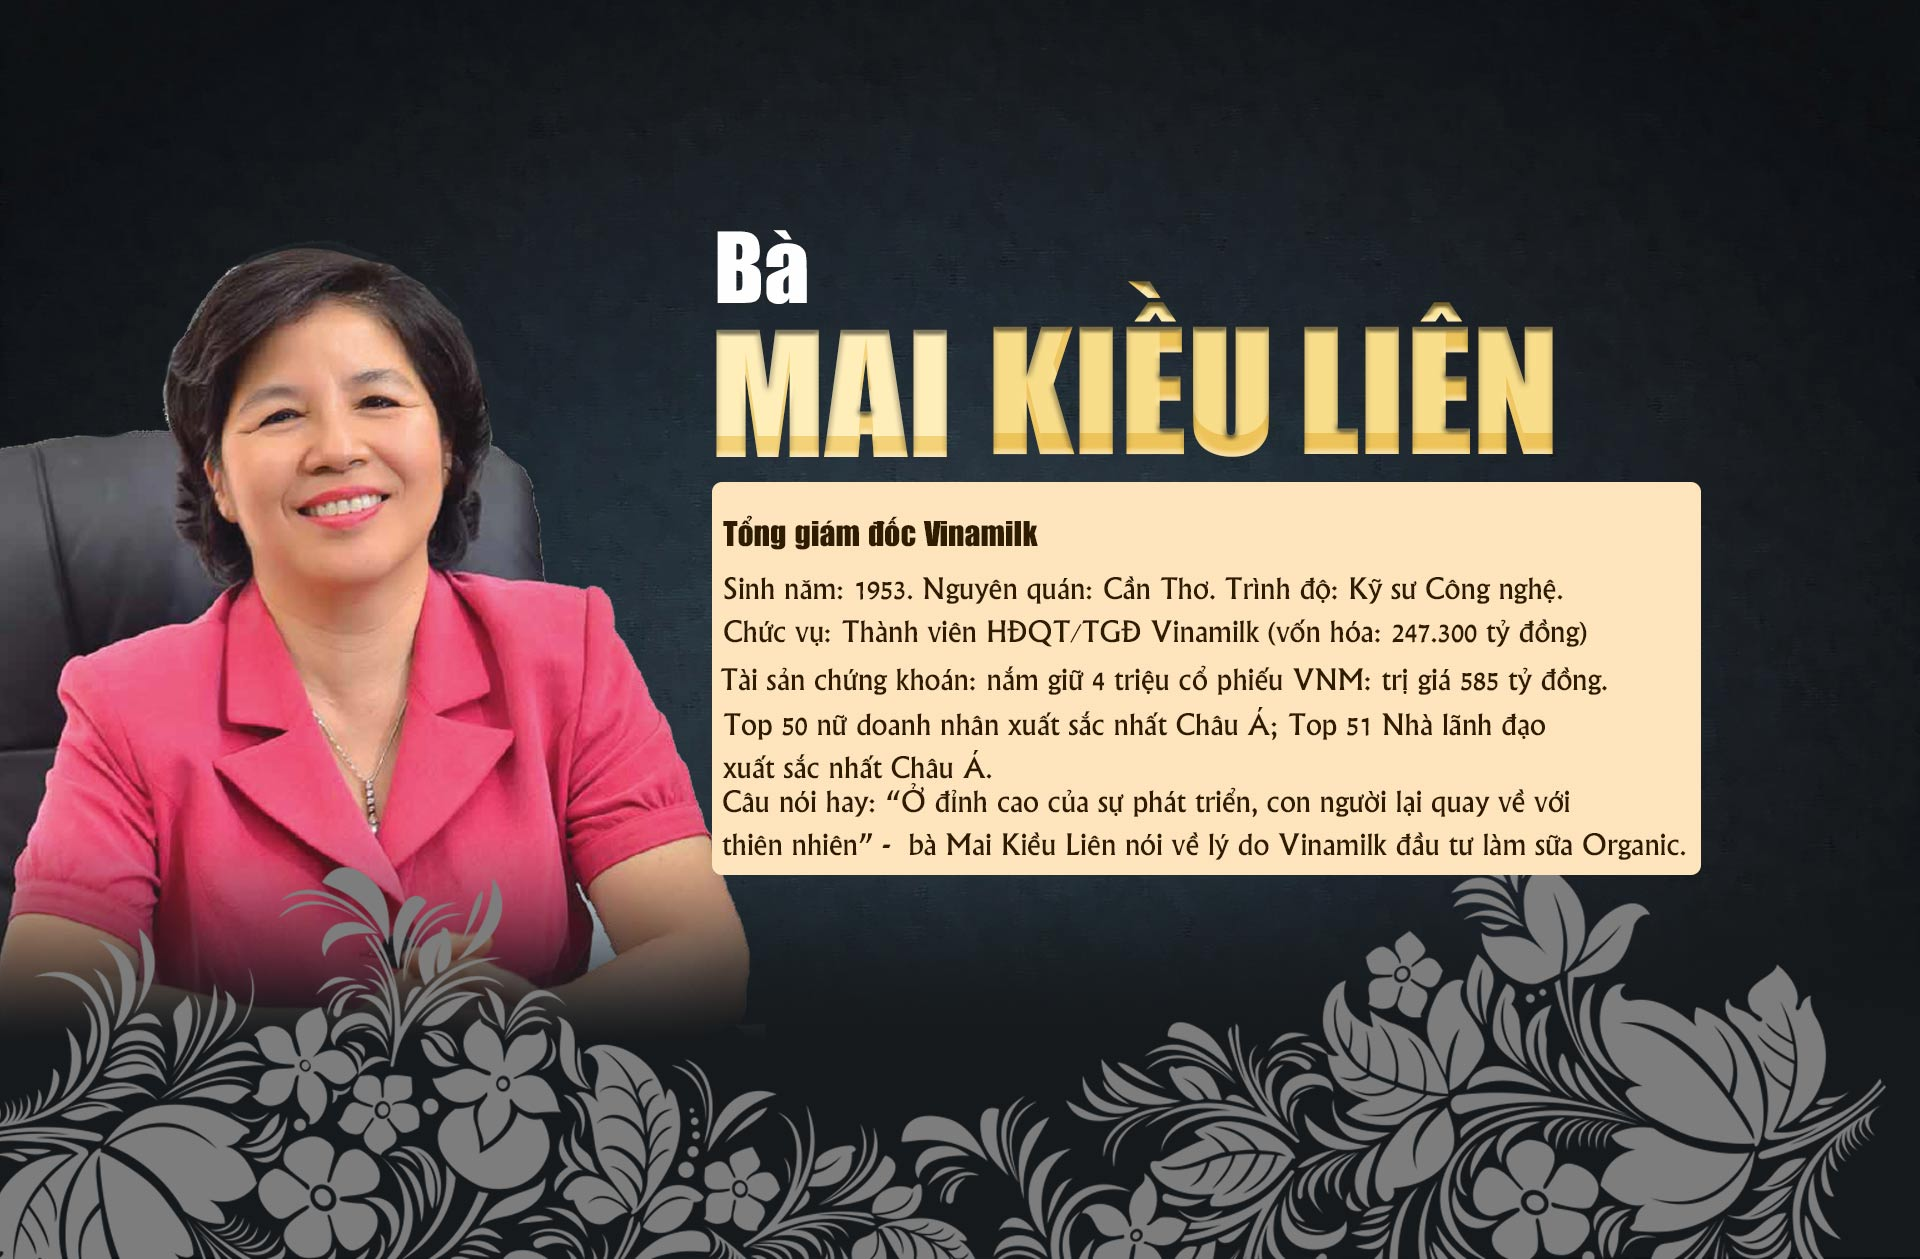 10 phụ nữ Việt gây choáng bởi sự giàu có, giỏi giang và quyền lực - 6